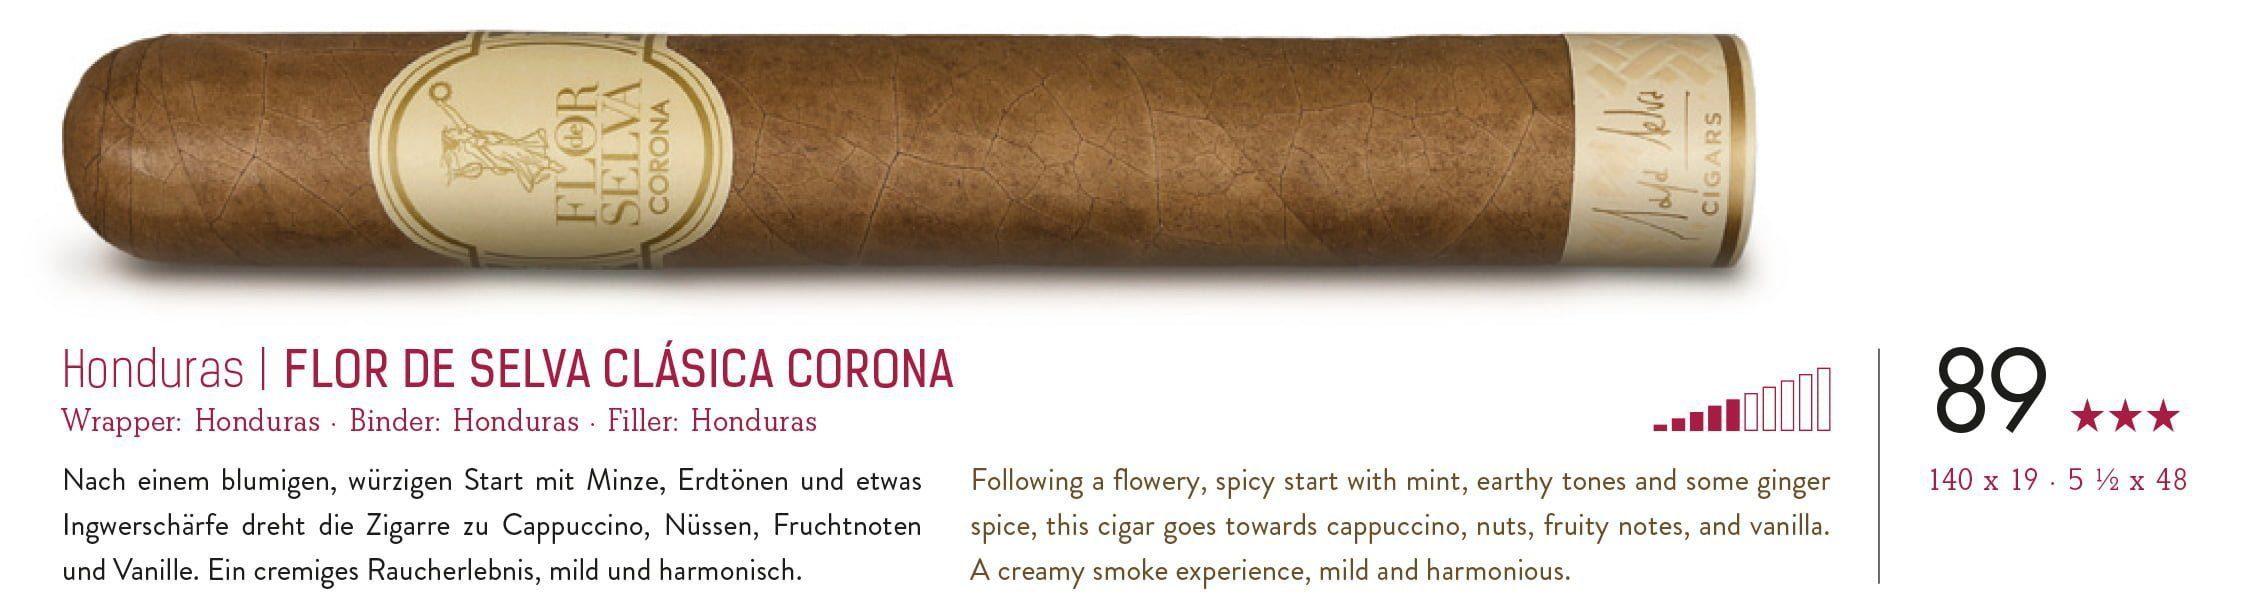 Flor de Selva Classic Corona